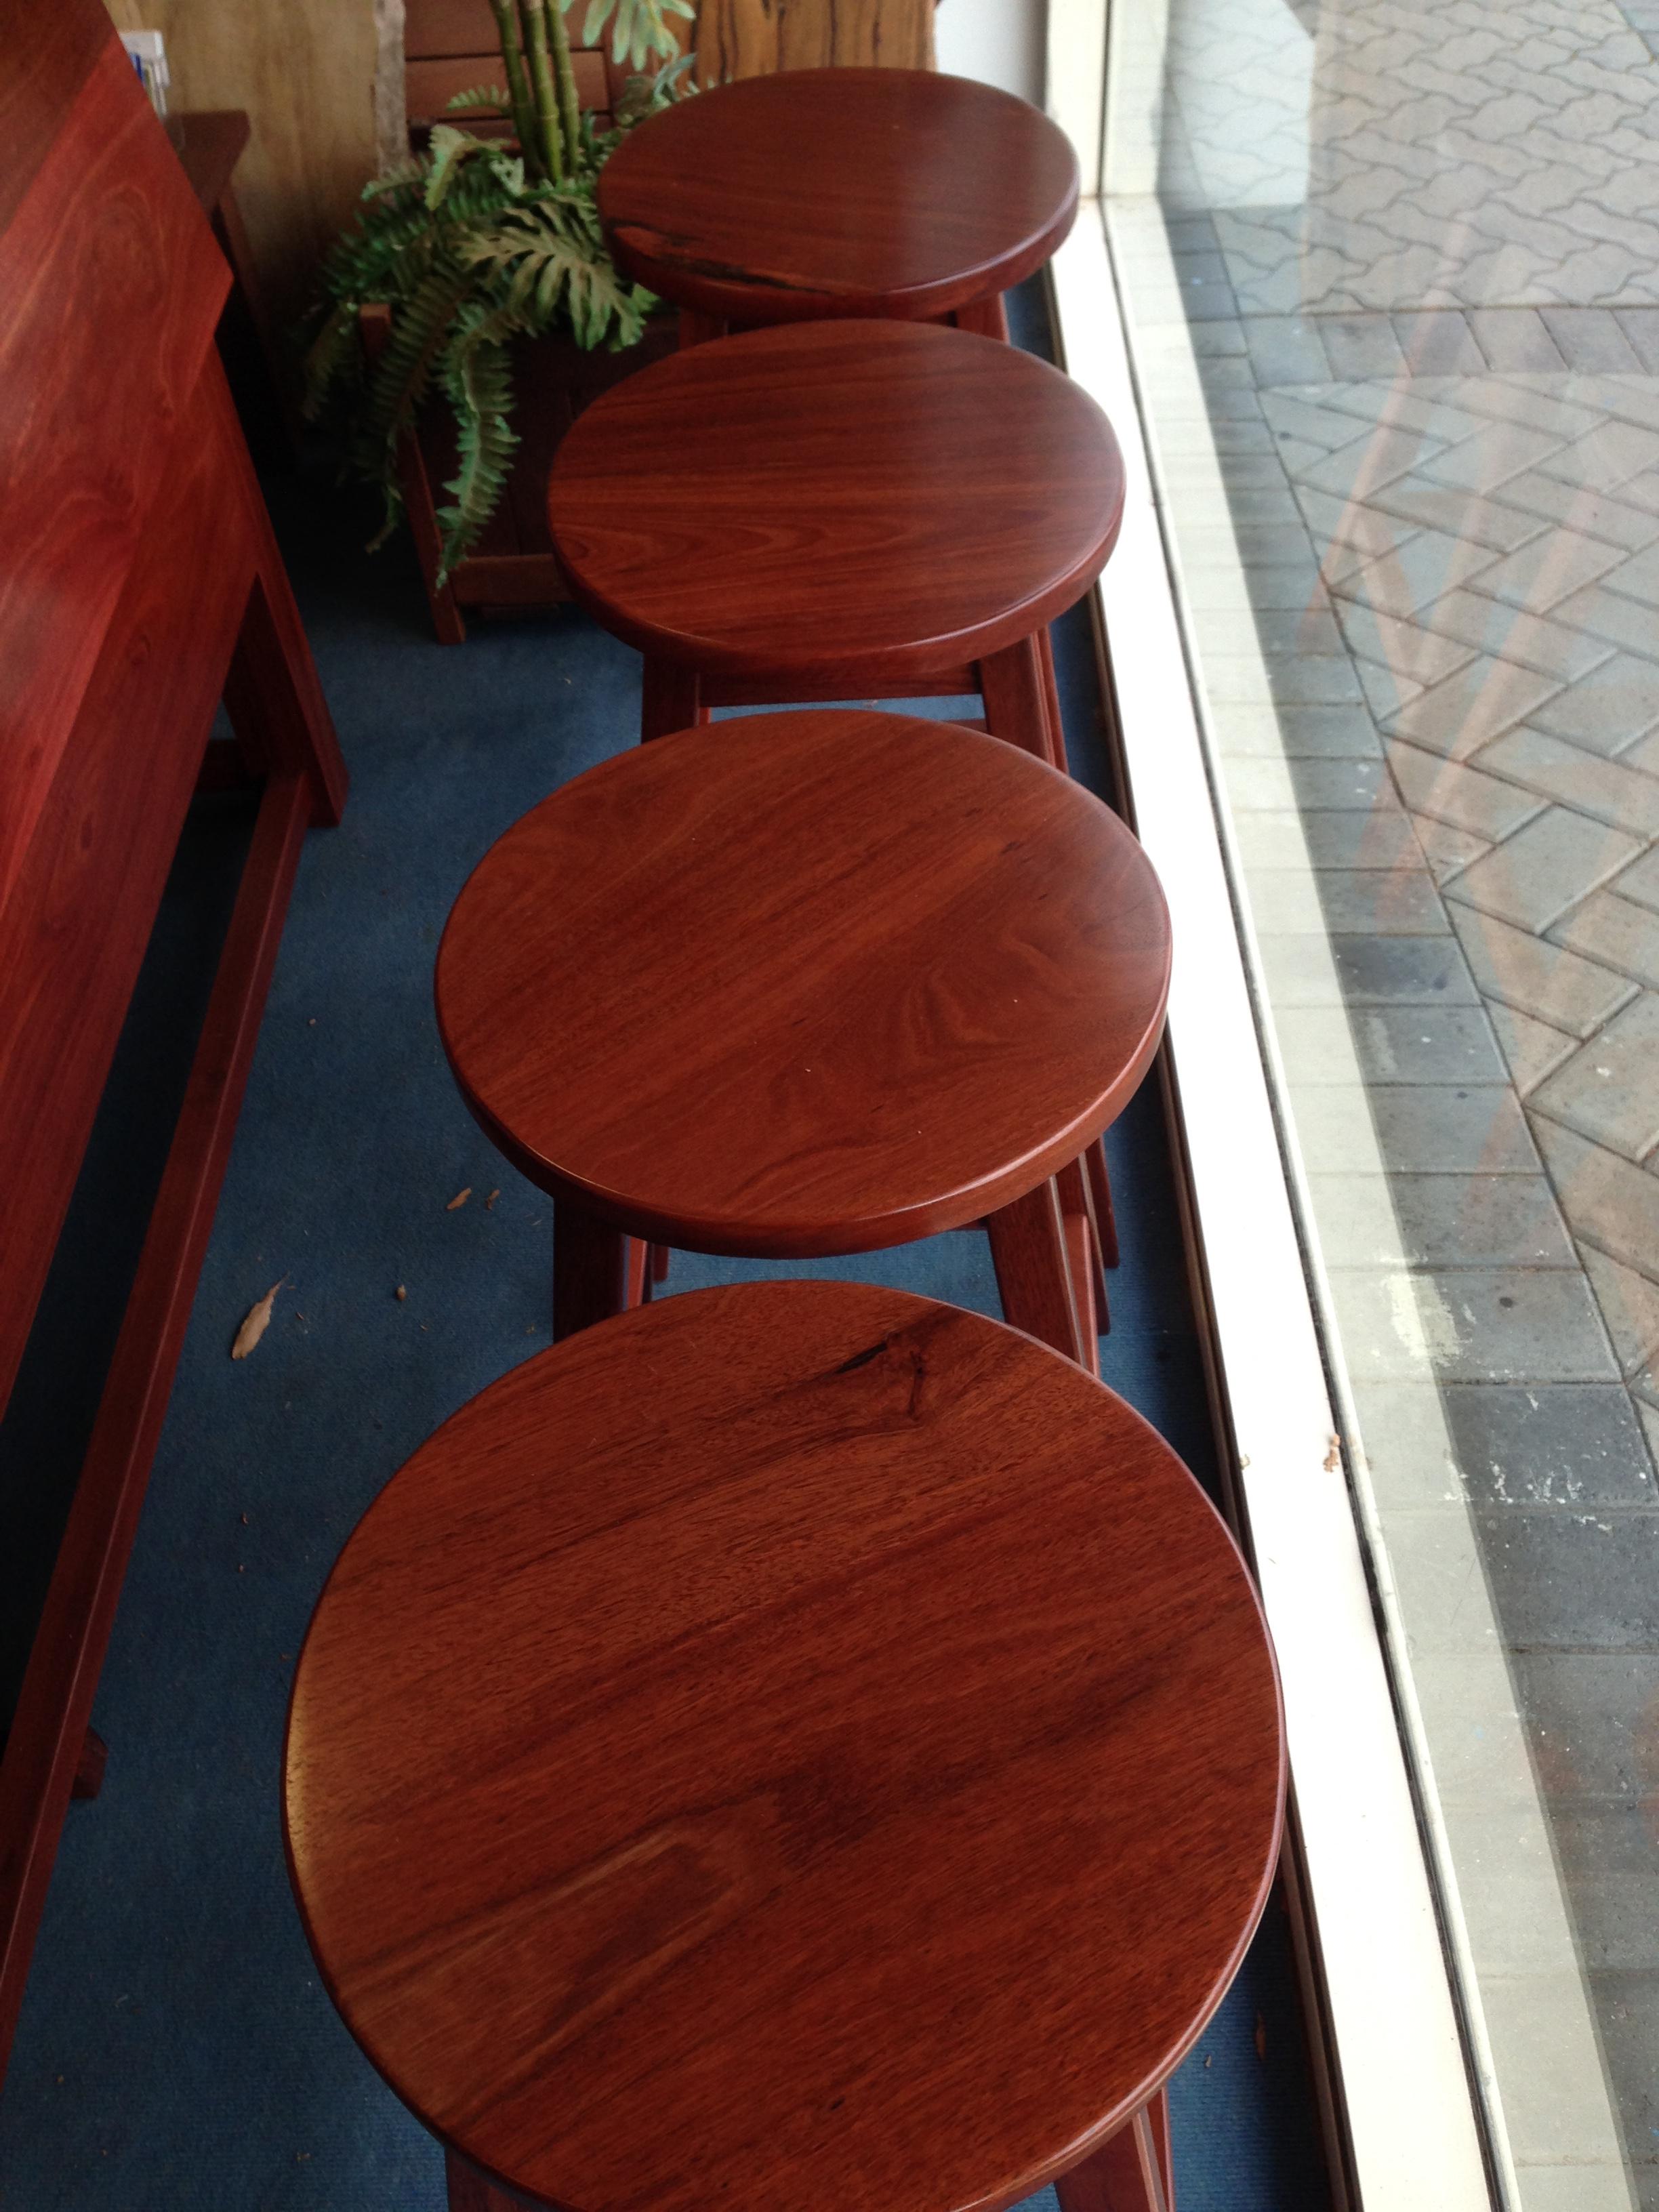 Spiteri bar stool swivel tops.JPG